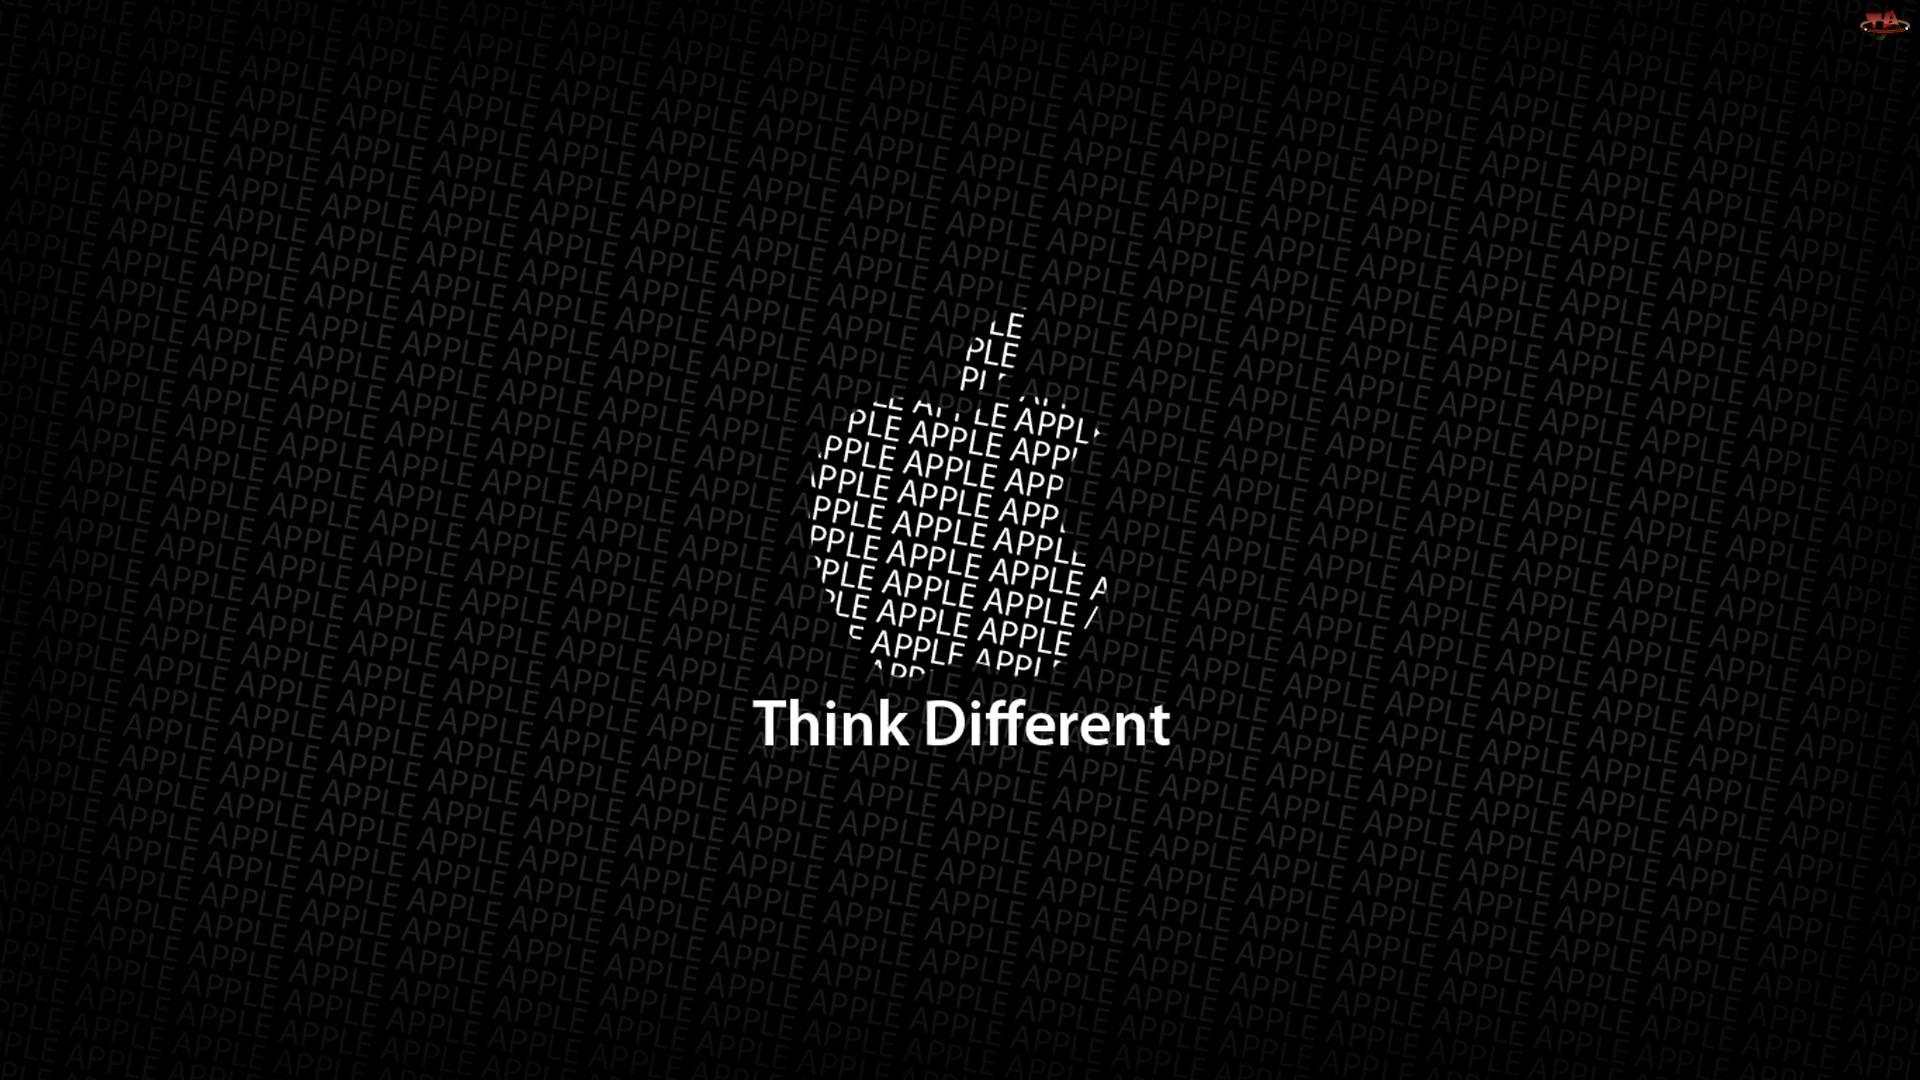 Firma, Technologie, Apple, Nowe